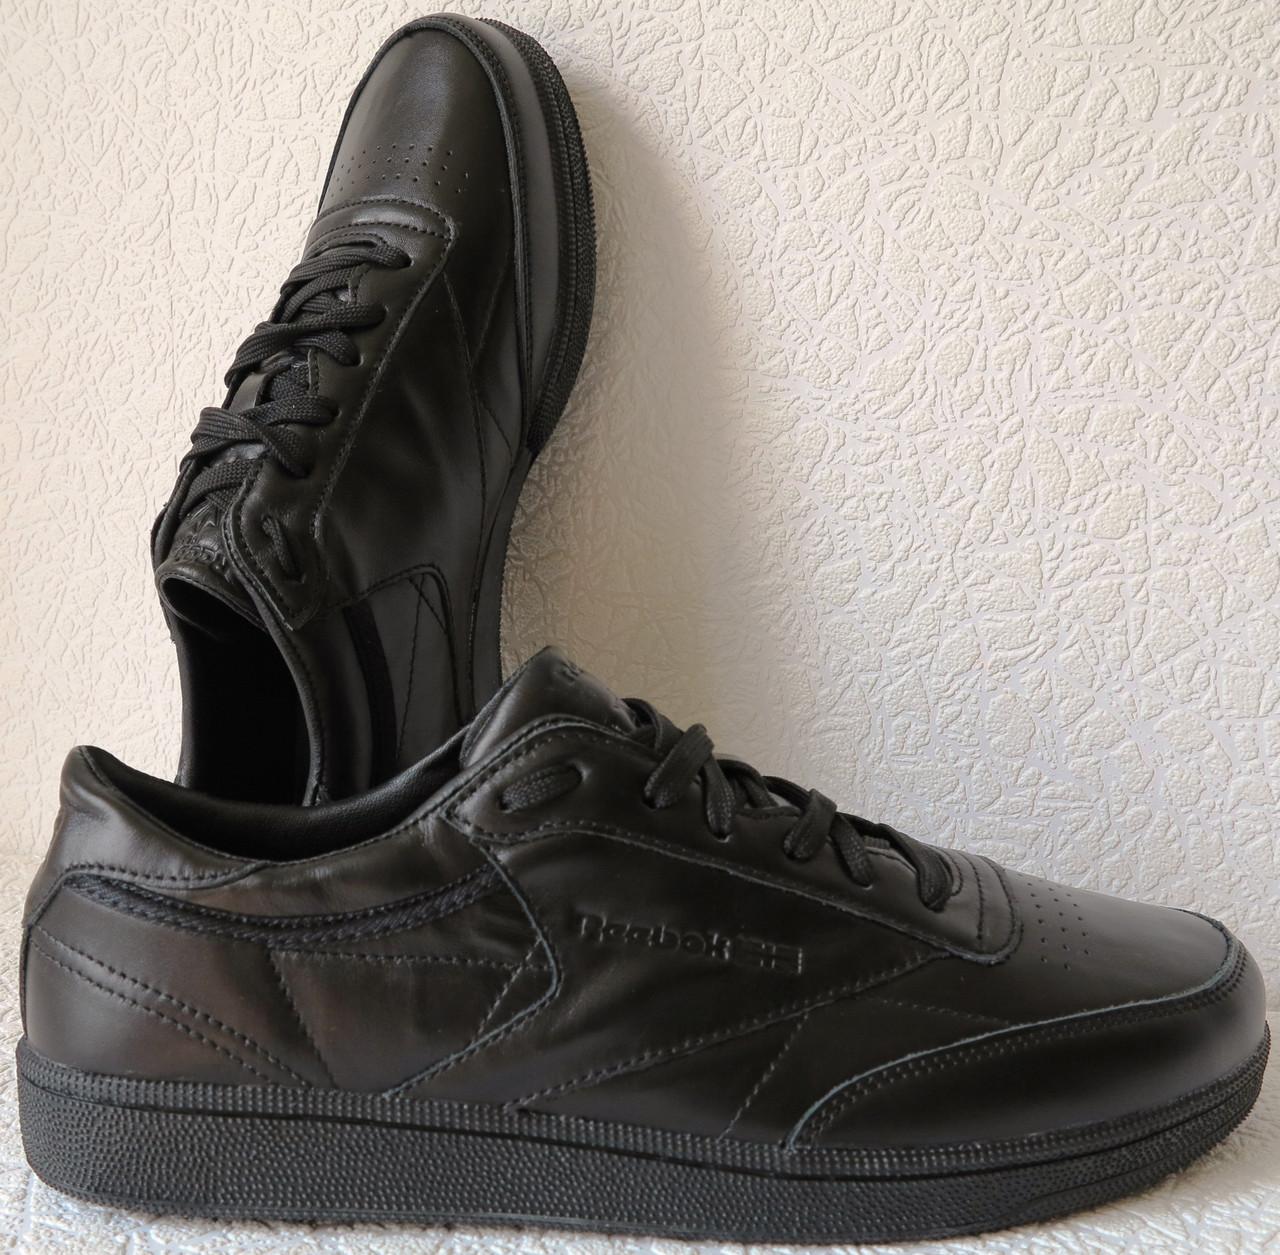 9707a16a2 Кроссовки Reebok Club C 85 Black *реплика* мужские кроссовки из натуральной  кожи рибок, ...